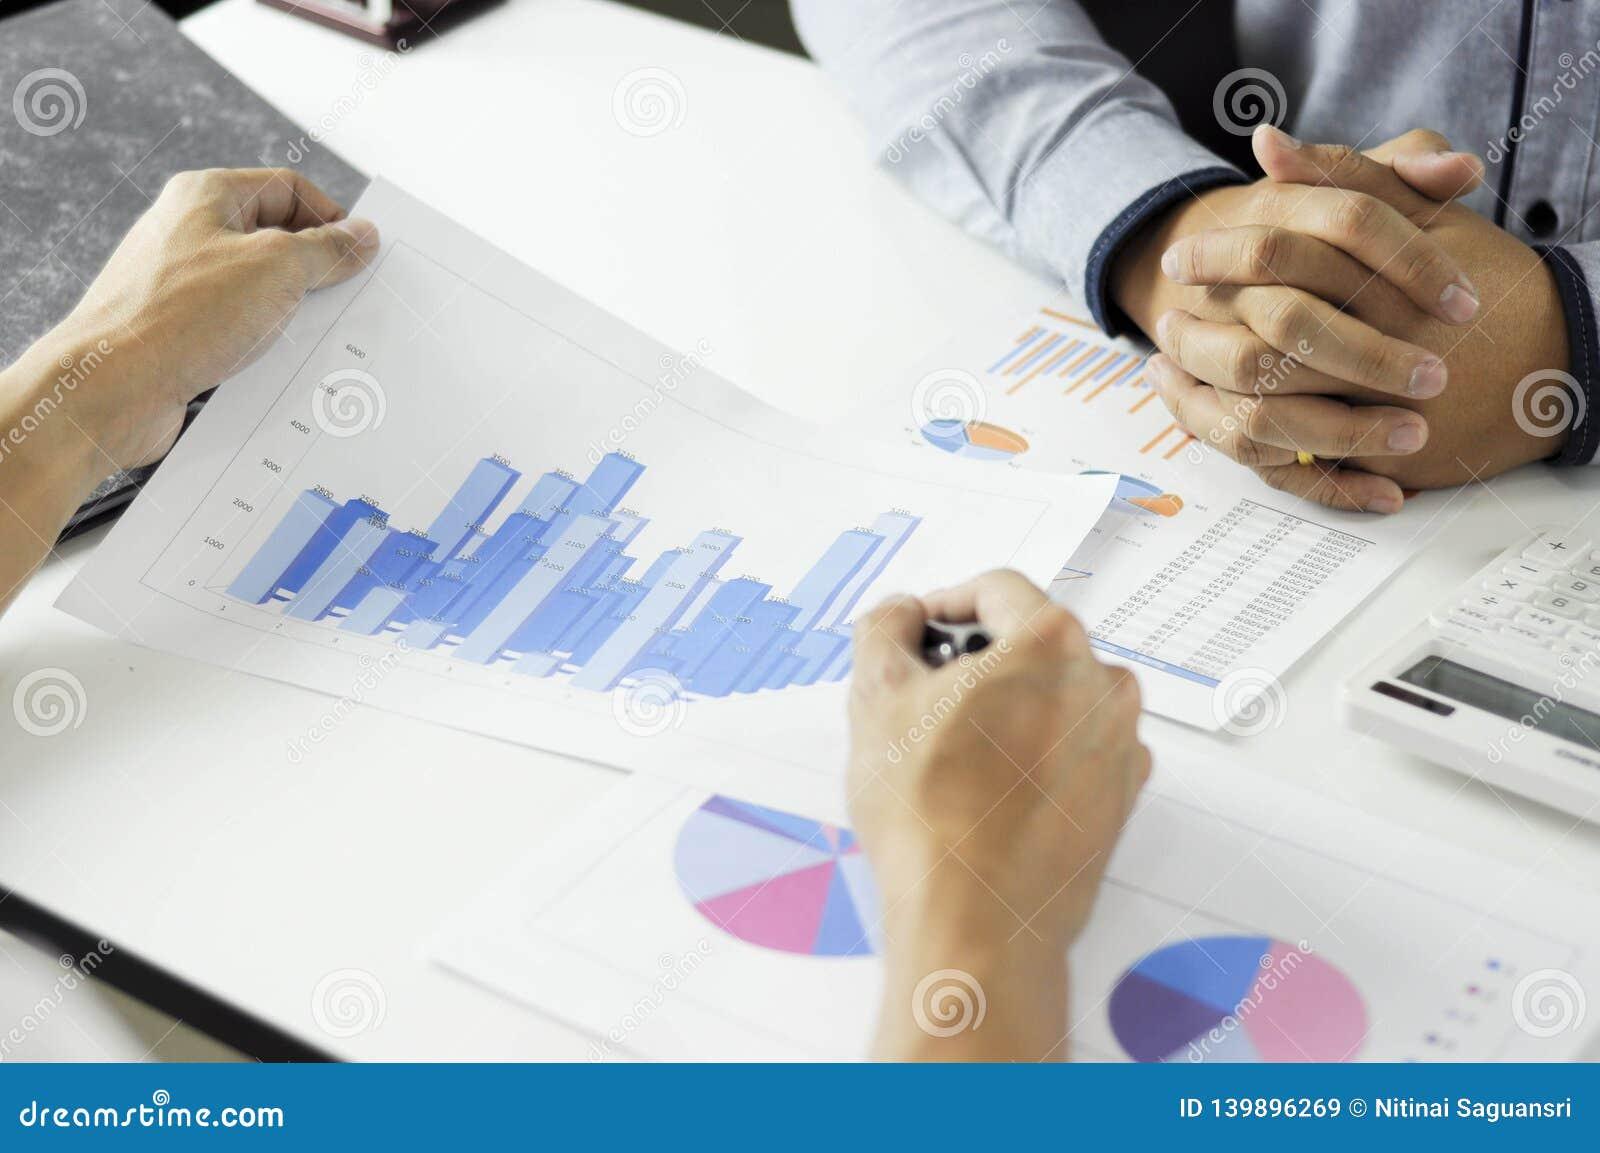 Redovisningsplanläggning, investeringledning som möter konsulenter, ledninggranskning, presentation av idéer